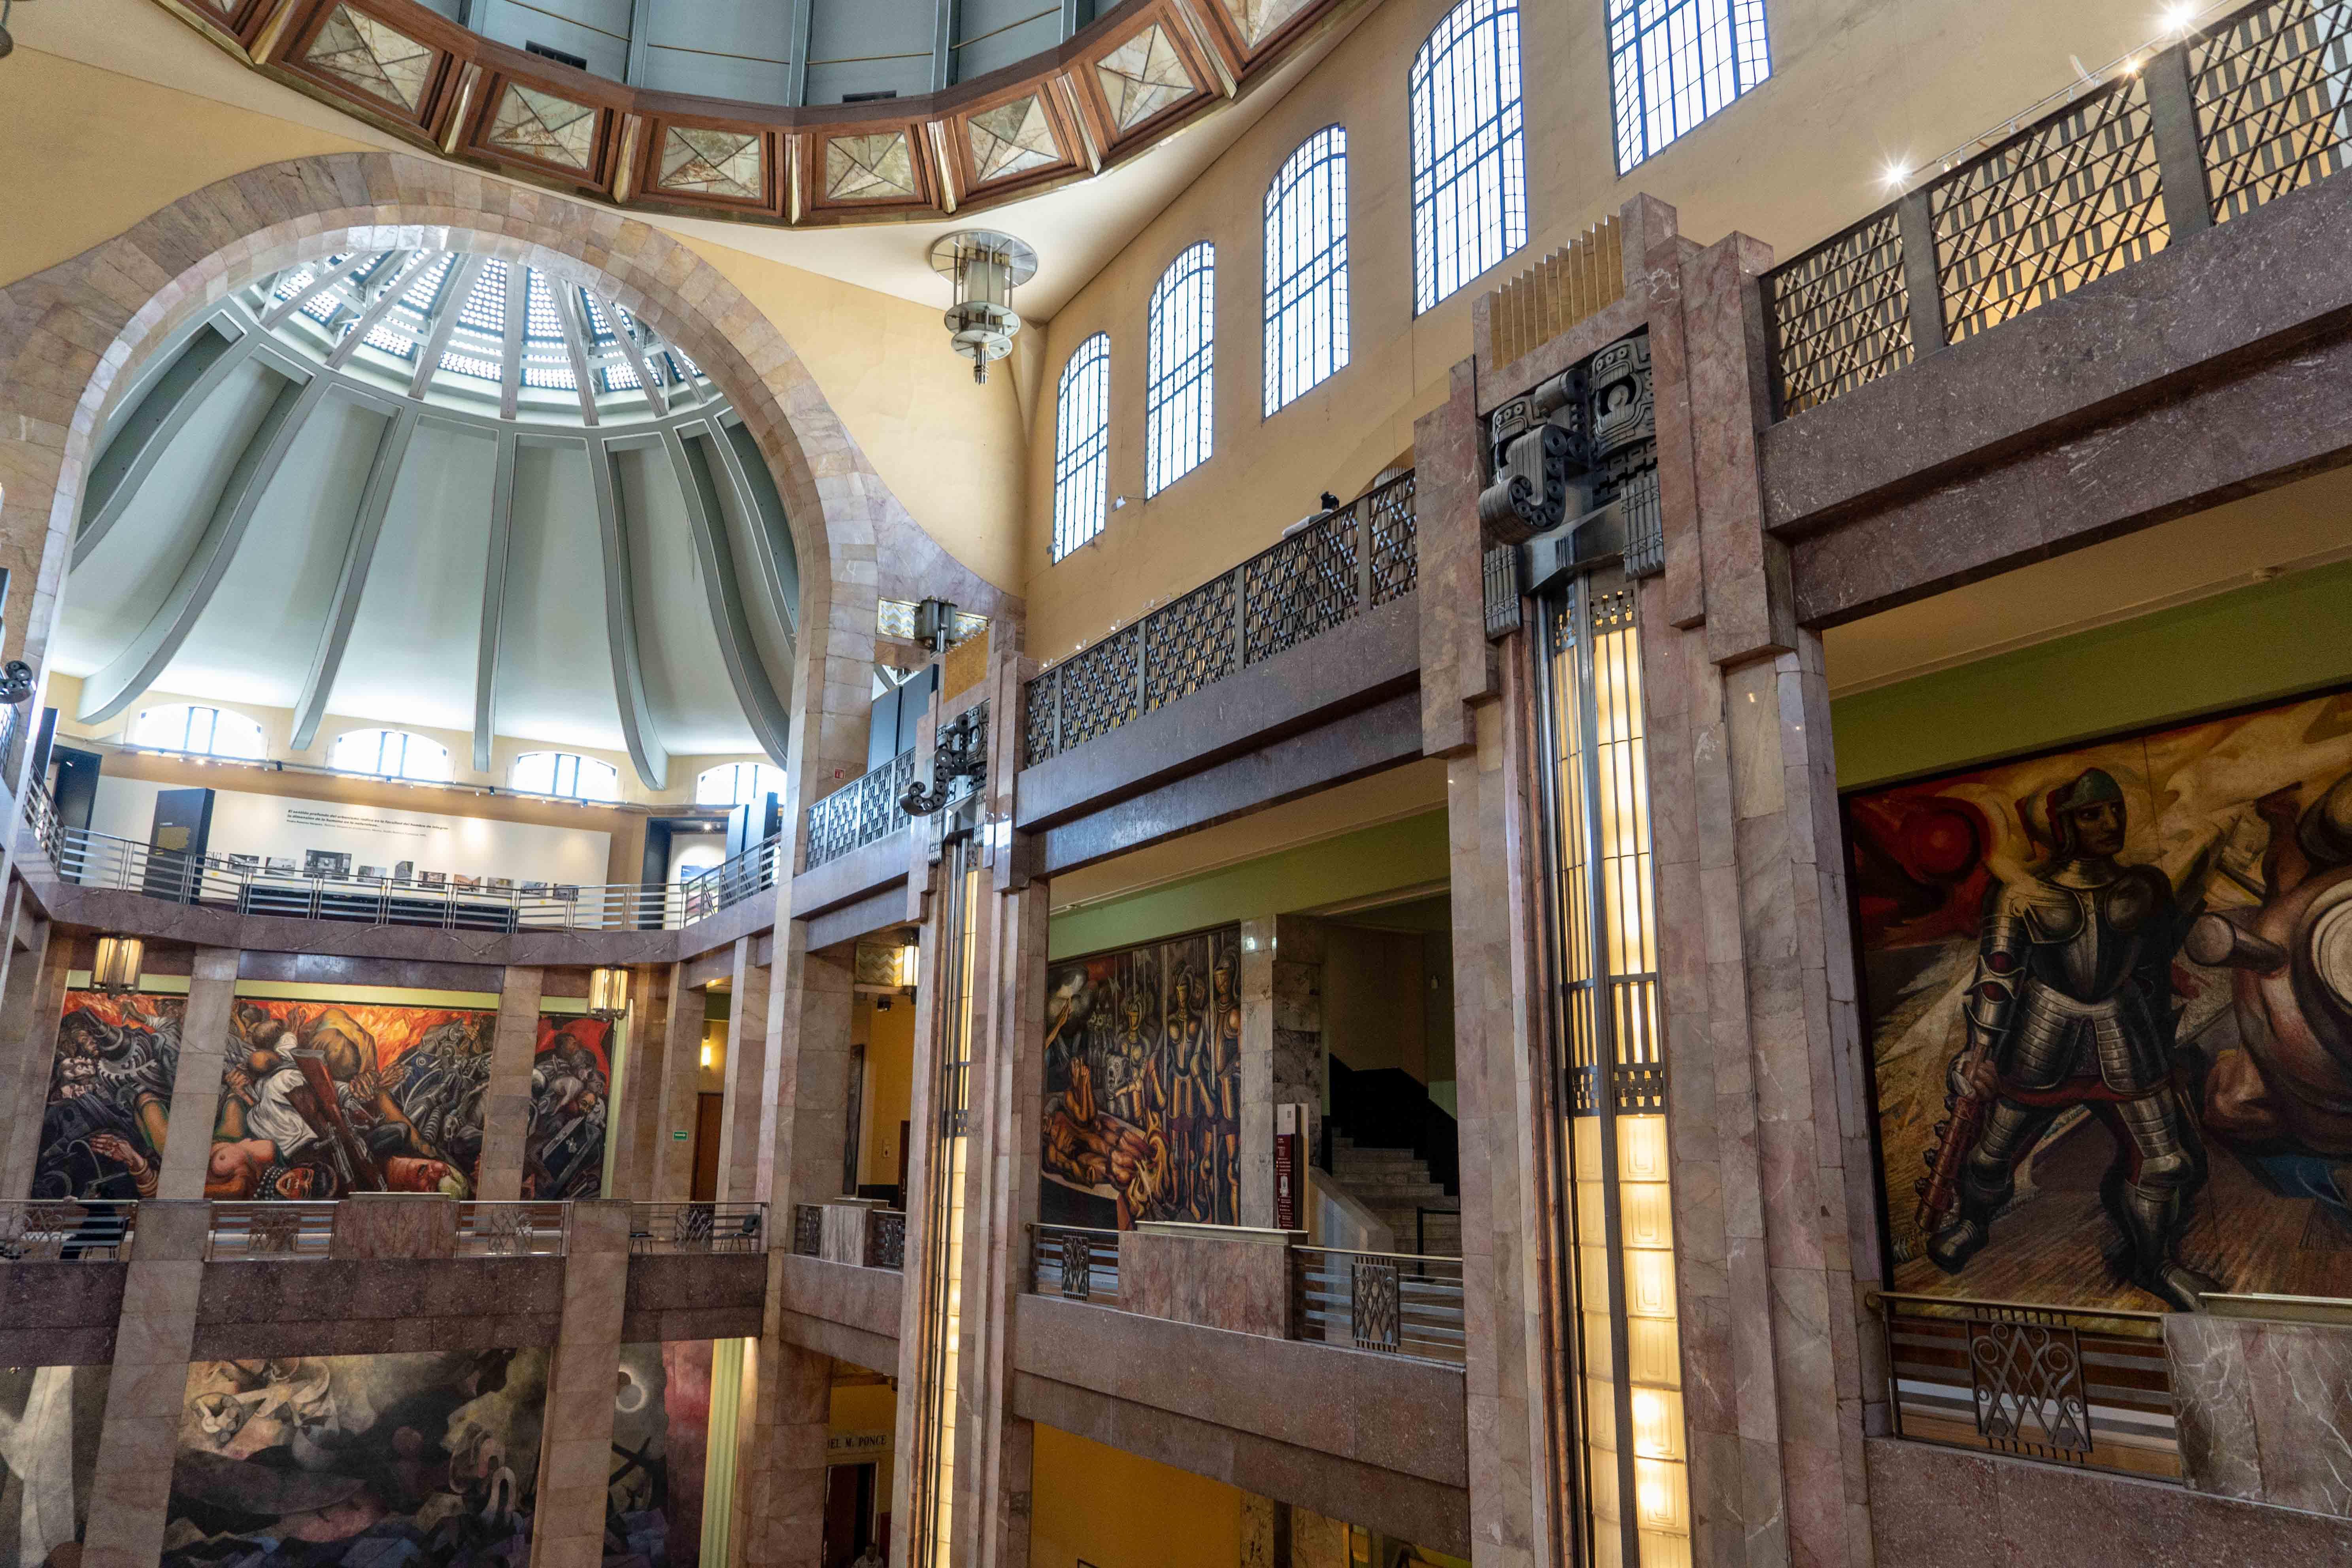 En marbre blanc, le Palacio de Bellas Artes est l'un des plus beaux monuments de Mexico City. Il ravira les amateurs des muralistes mexicains.